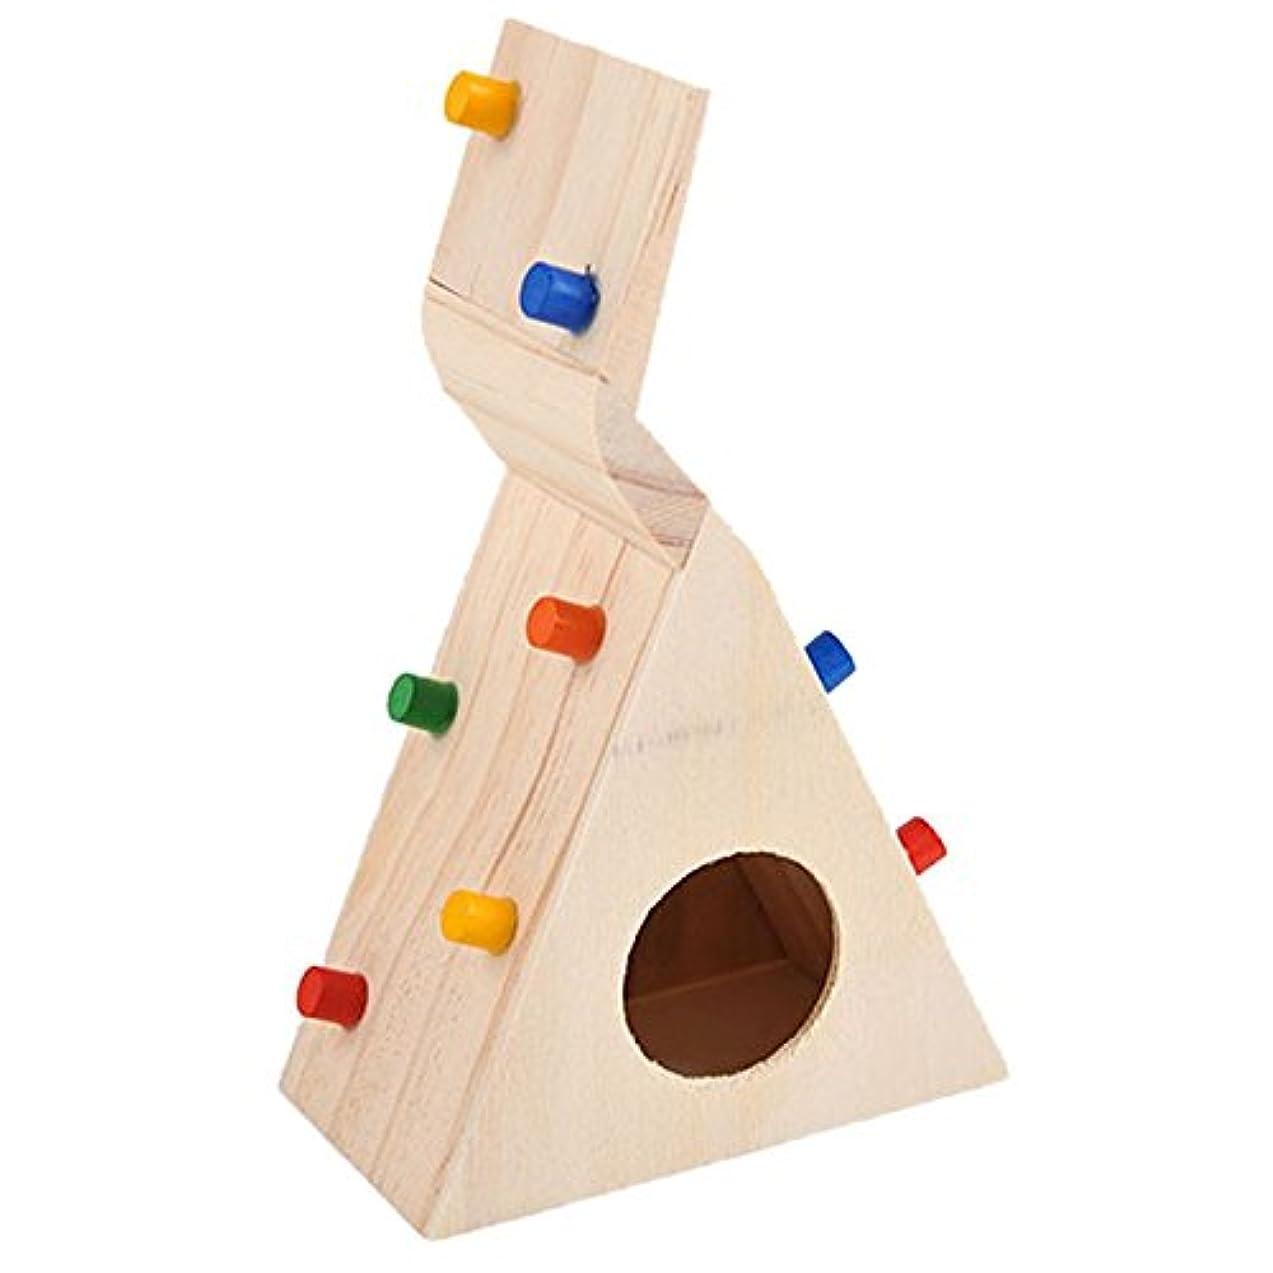 正当なを必要としていますストレッチRETYLY 小さなペット?ハムスター用のアクセサリー クライミング梯子 小さなラット、スナネズミ、ハムスター玩具 ペットのコスチューム店 ハムスターのおもちゃ